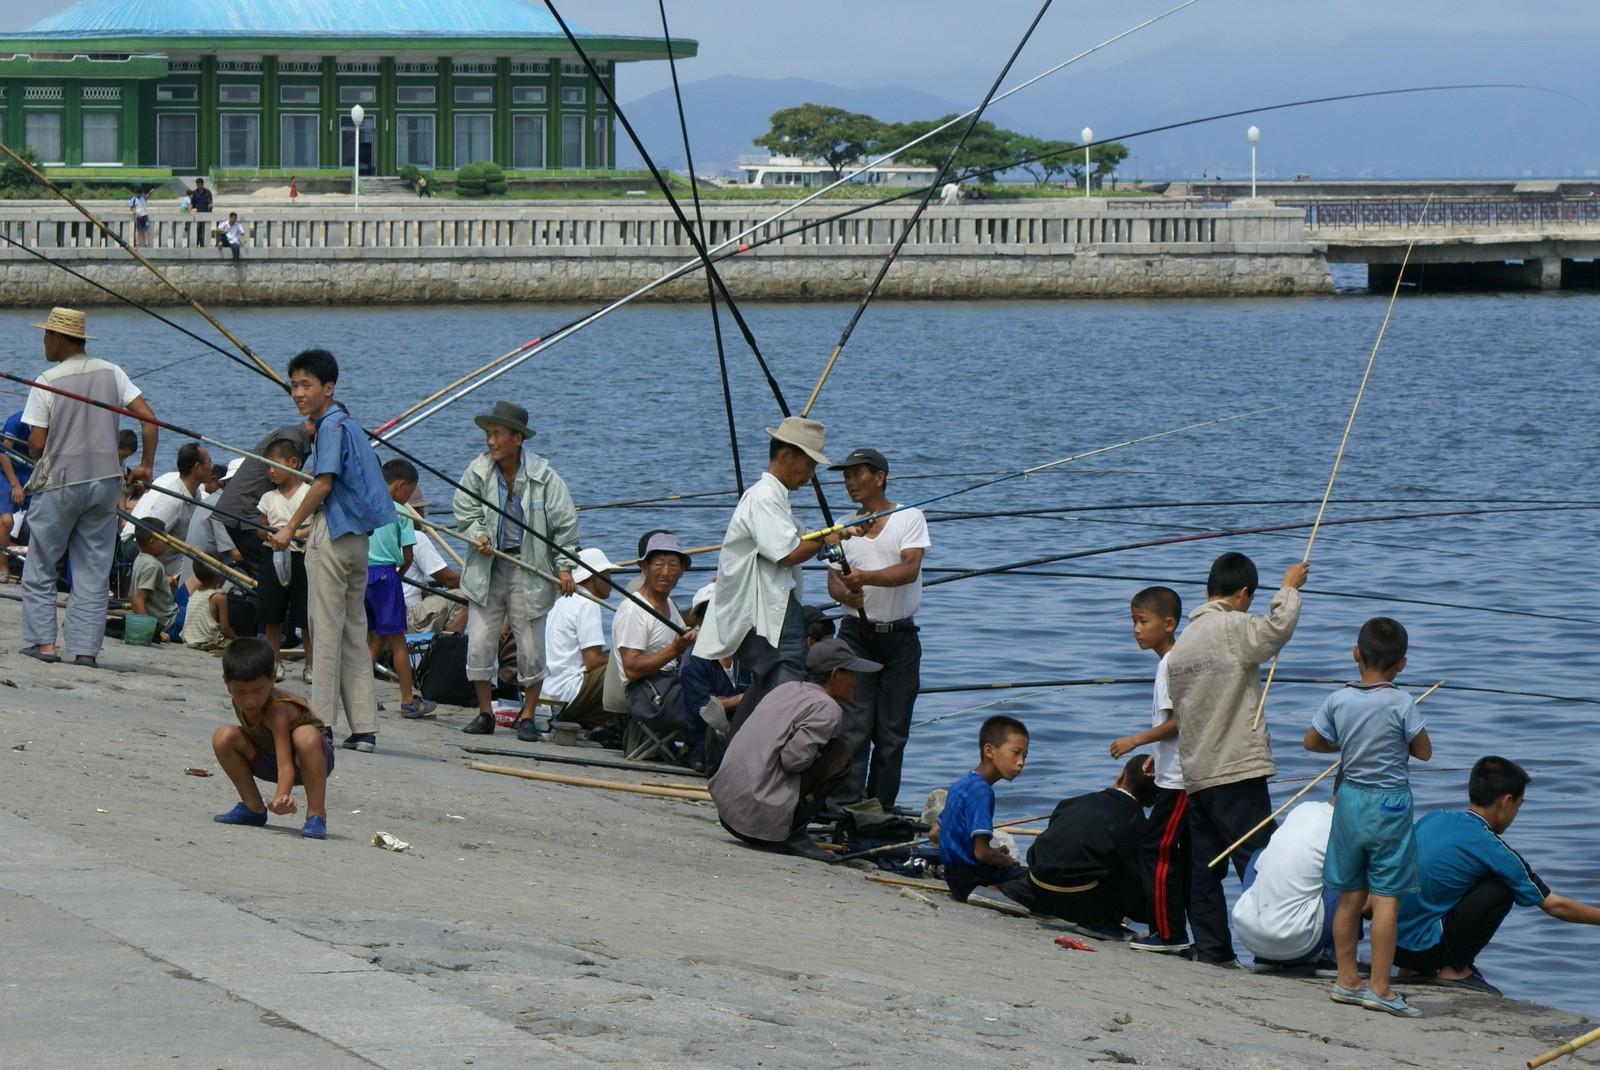 Anglers at Wonsan pier